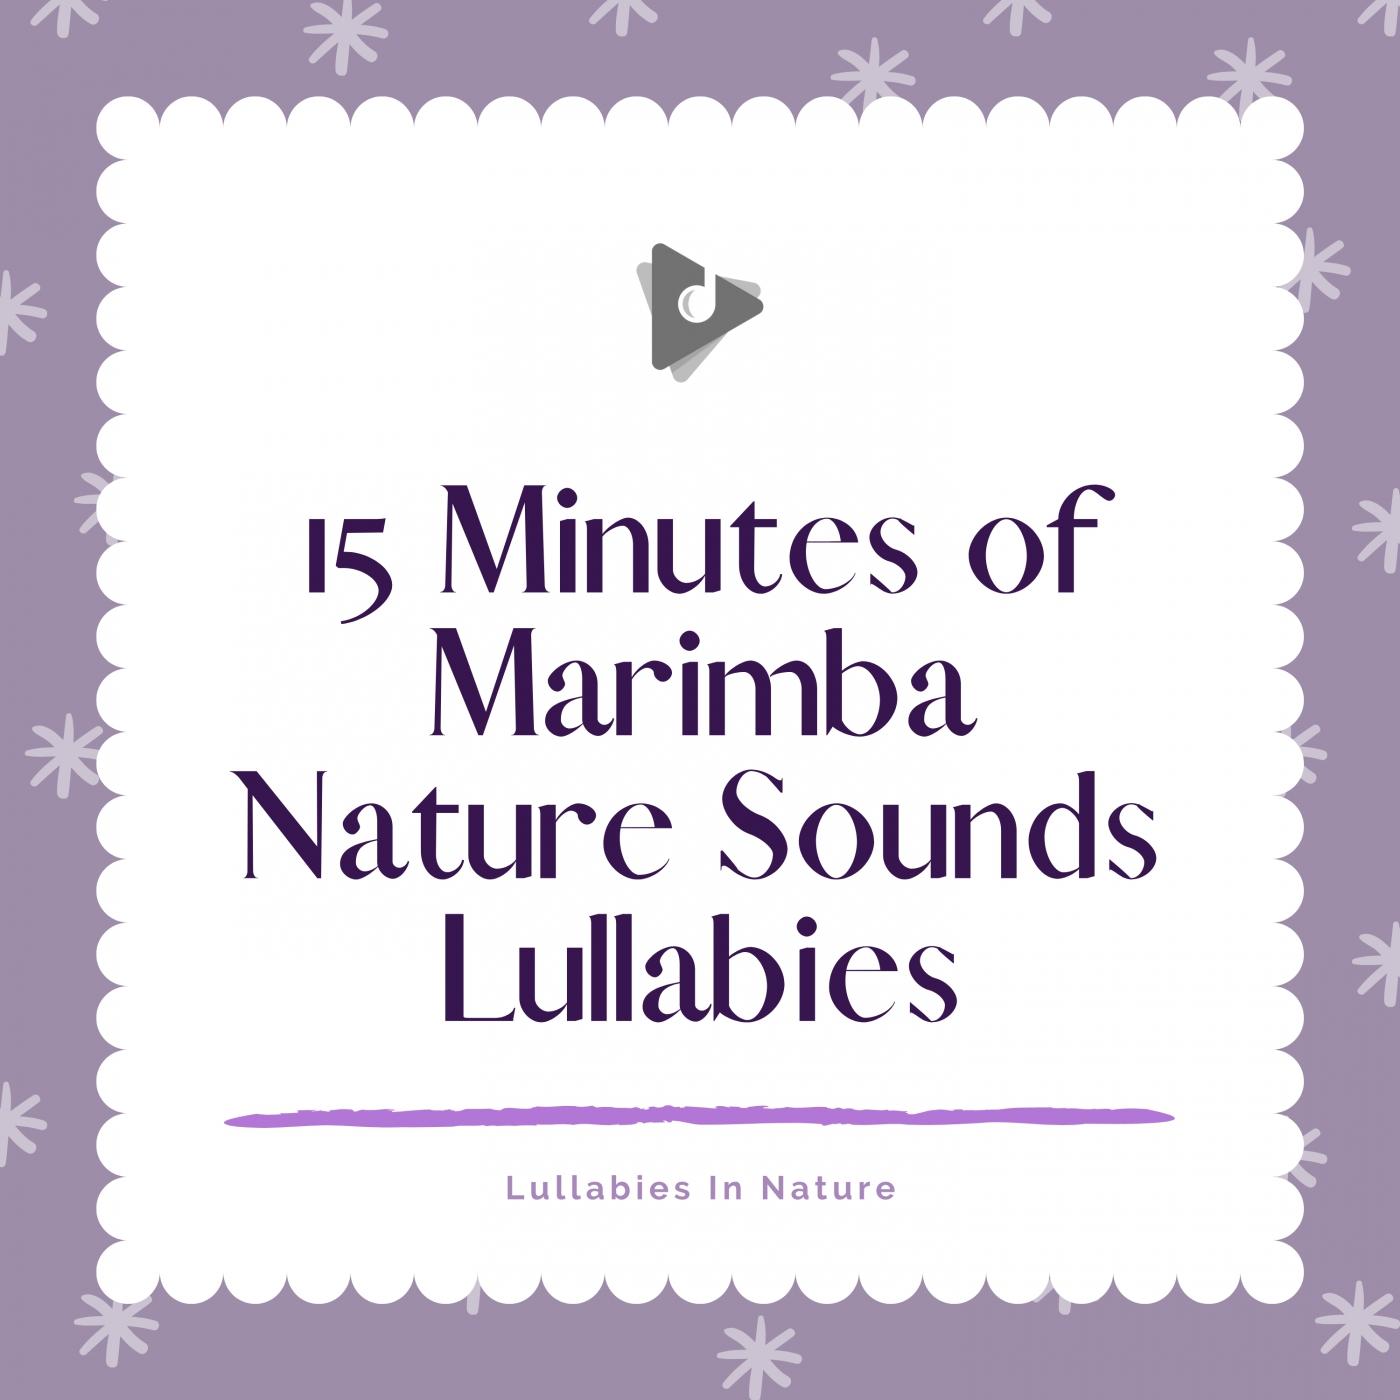 15 Minutes of Marimba Nature Sounds Lullabies